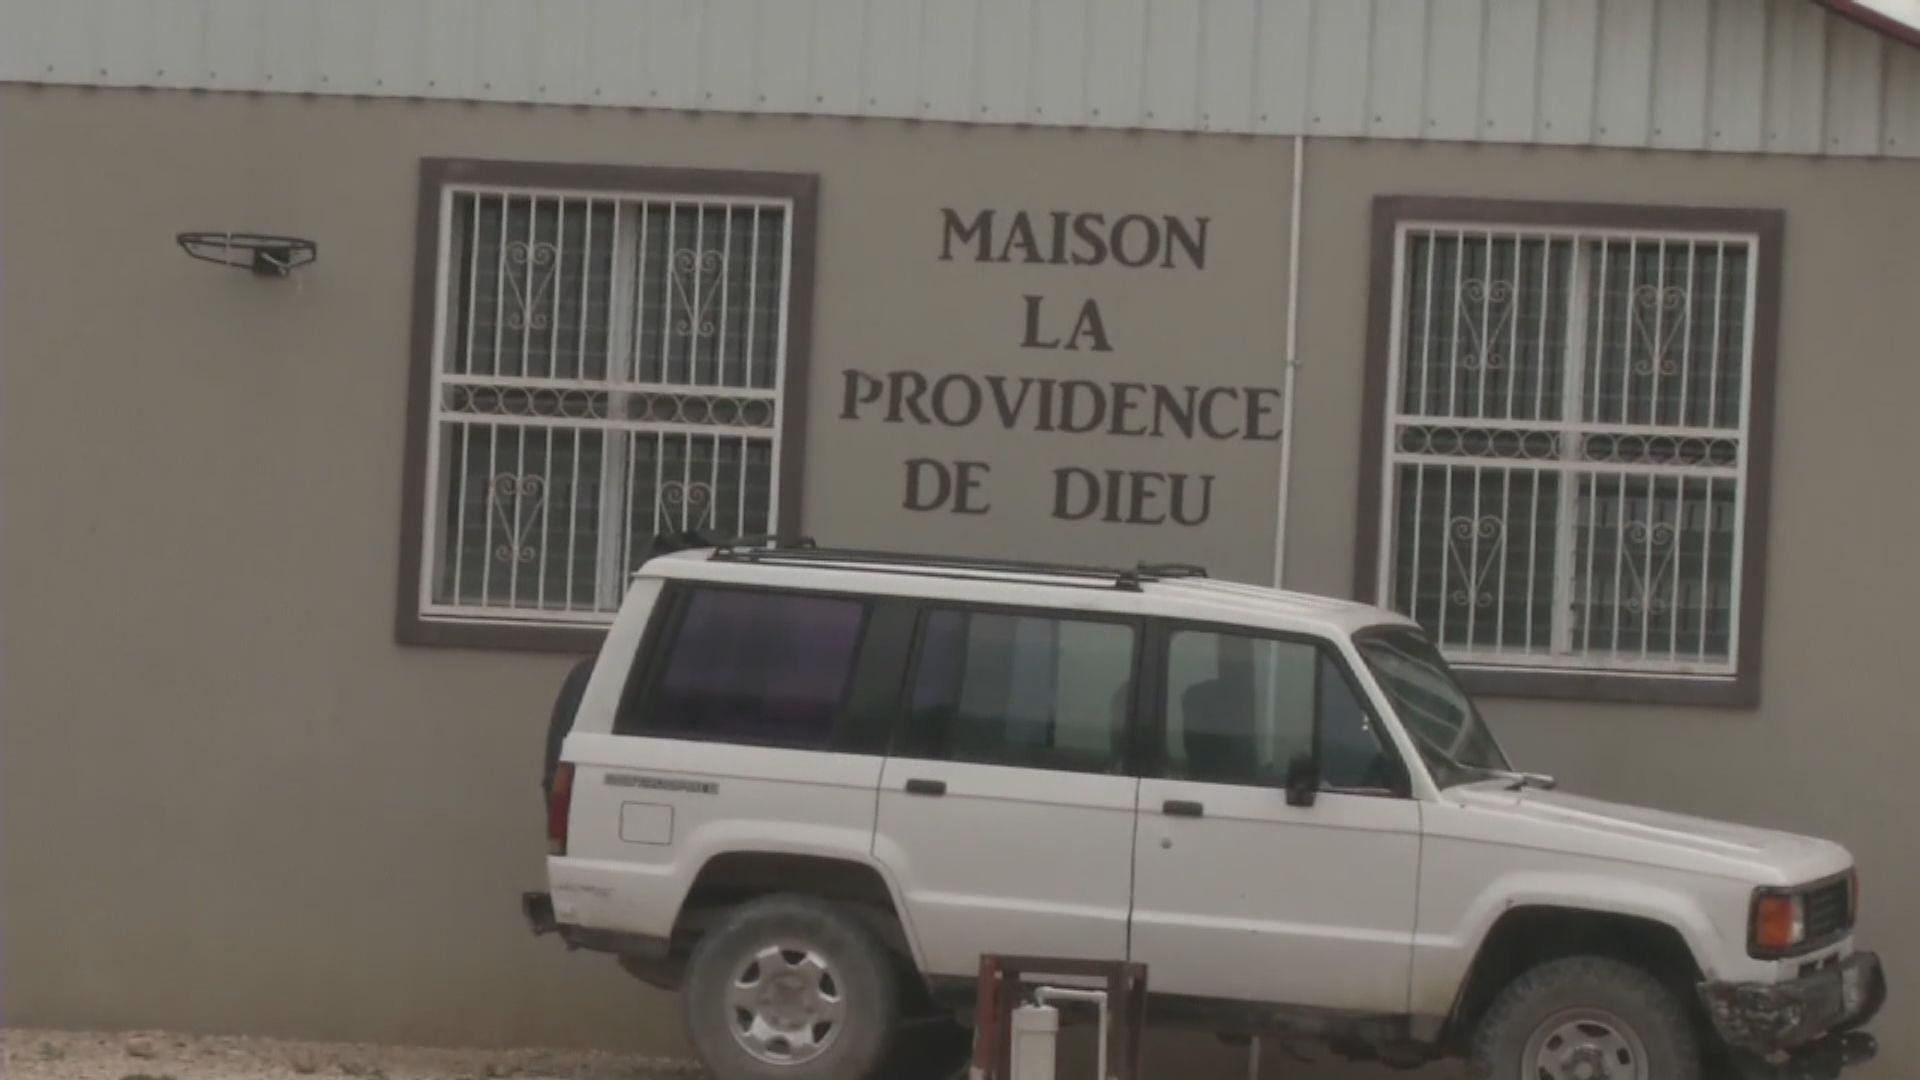 美國傳教士小組在海地遭綁架 估計是幫派所為